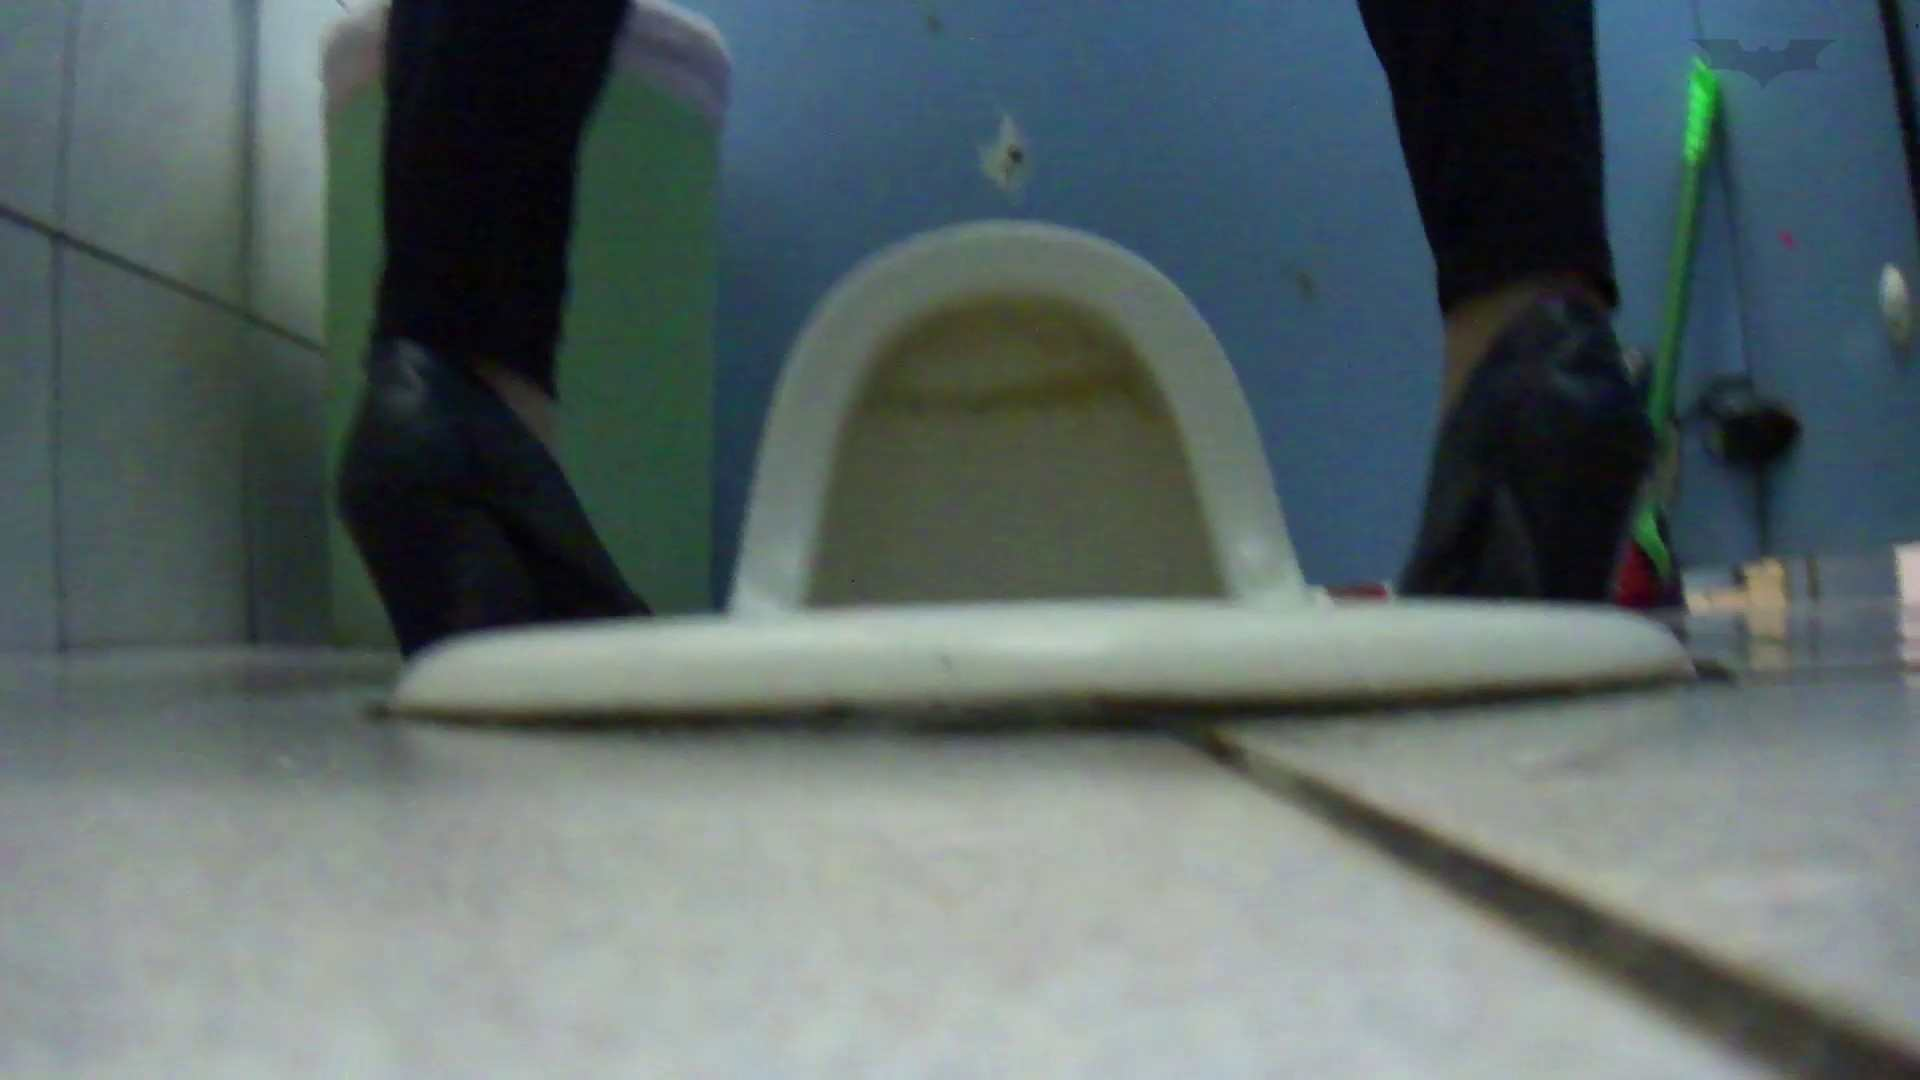 JD盗撮 美女の洗面所の秘密 Vol.76 トイレ盗撮 オマンコ無修正動画無料 100枚 59